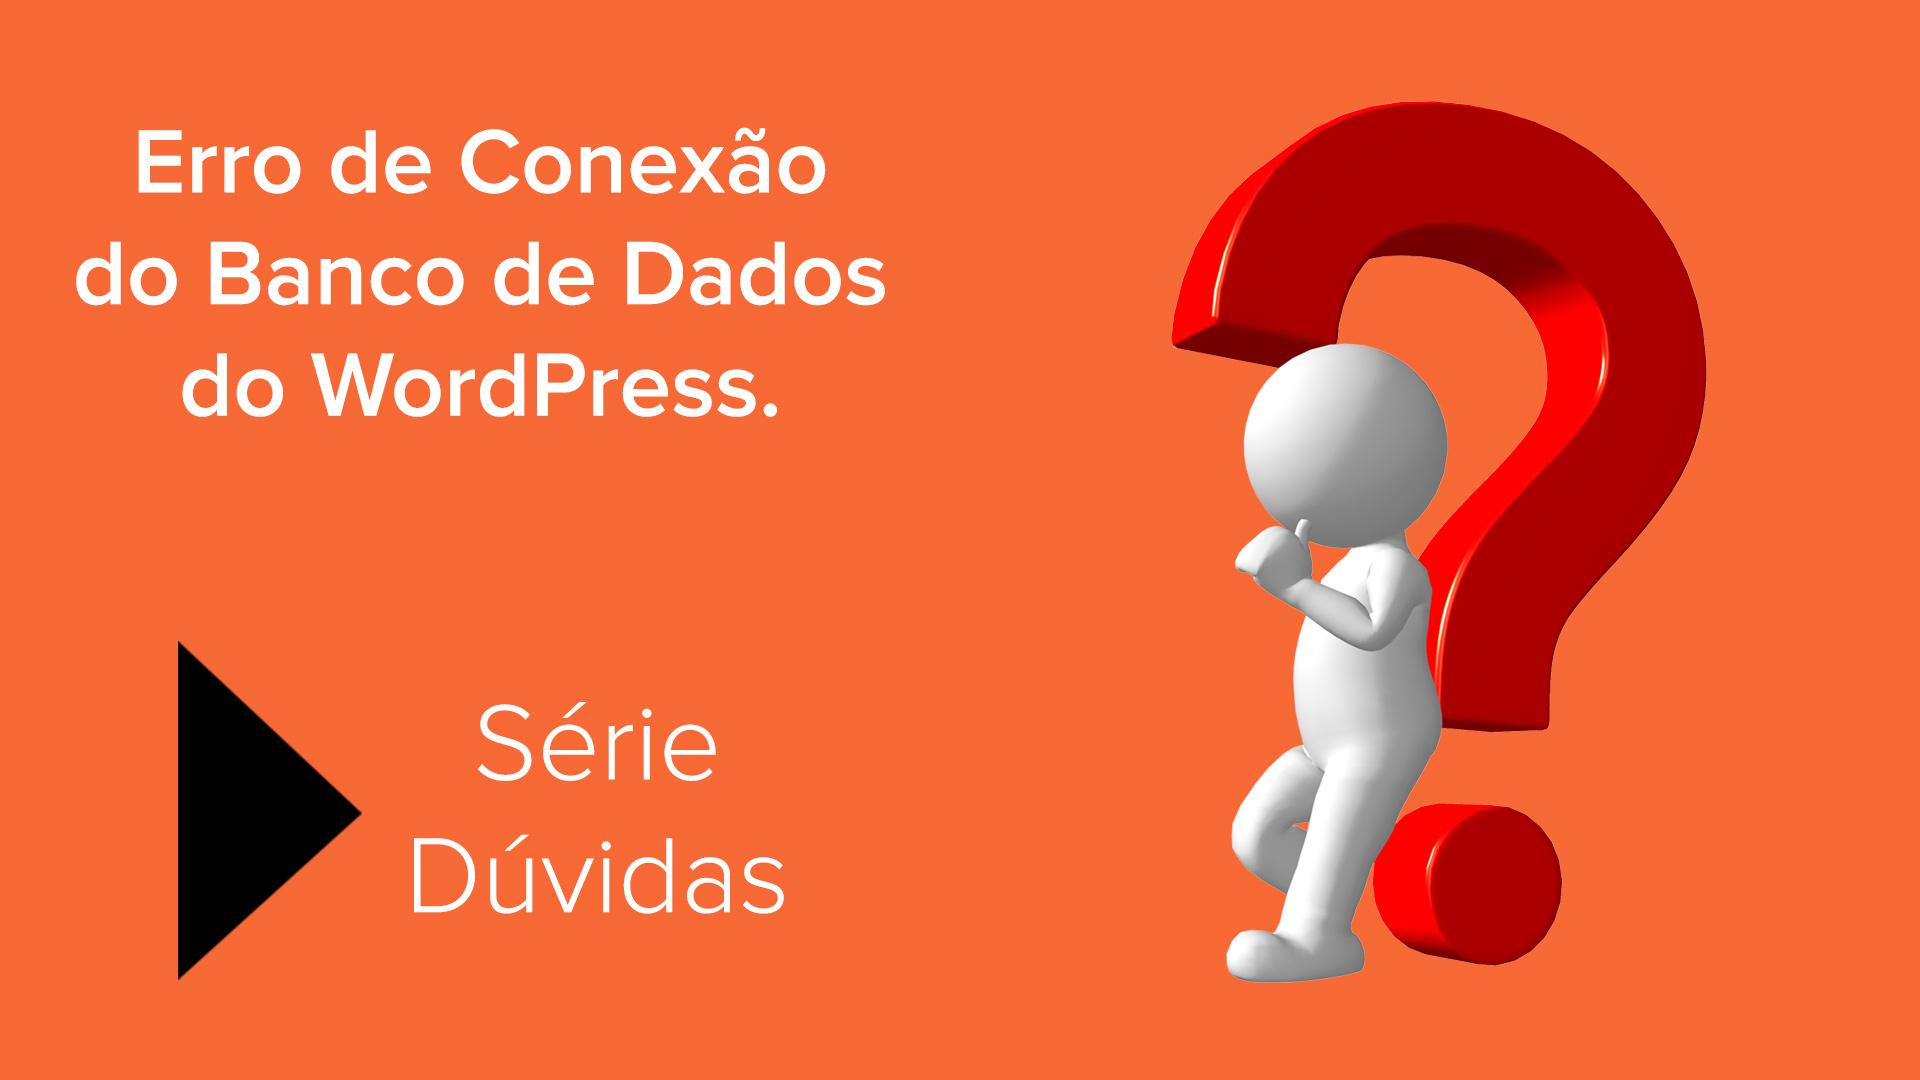 Corrigir Erro ao estabelecer uma conexão com o banco de dados do WordPress